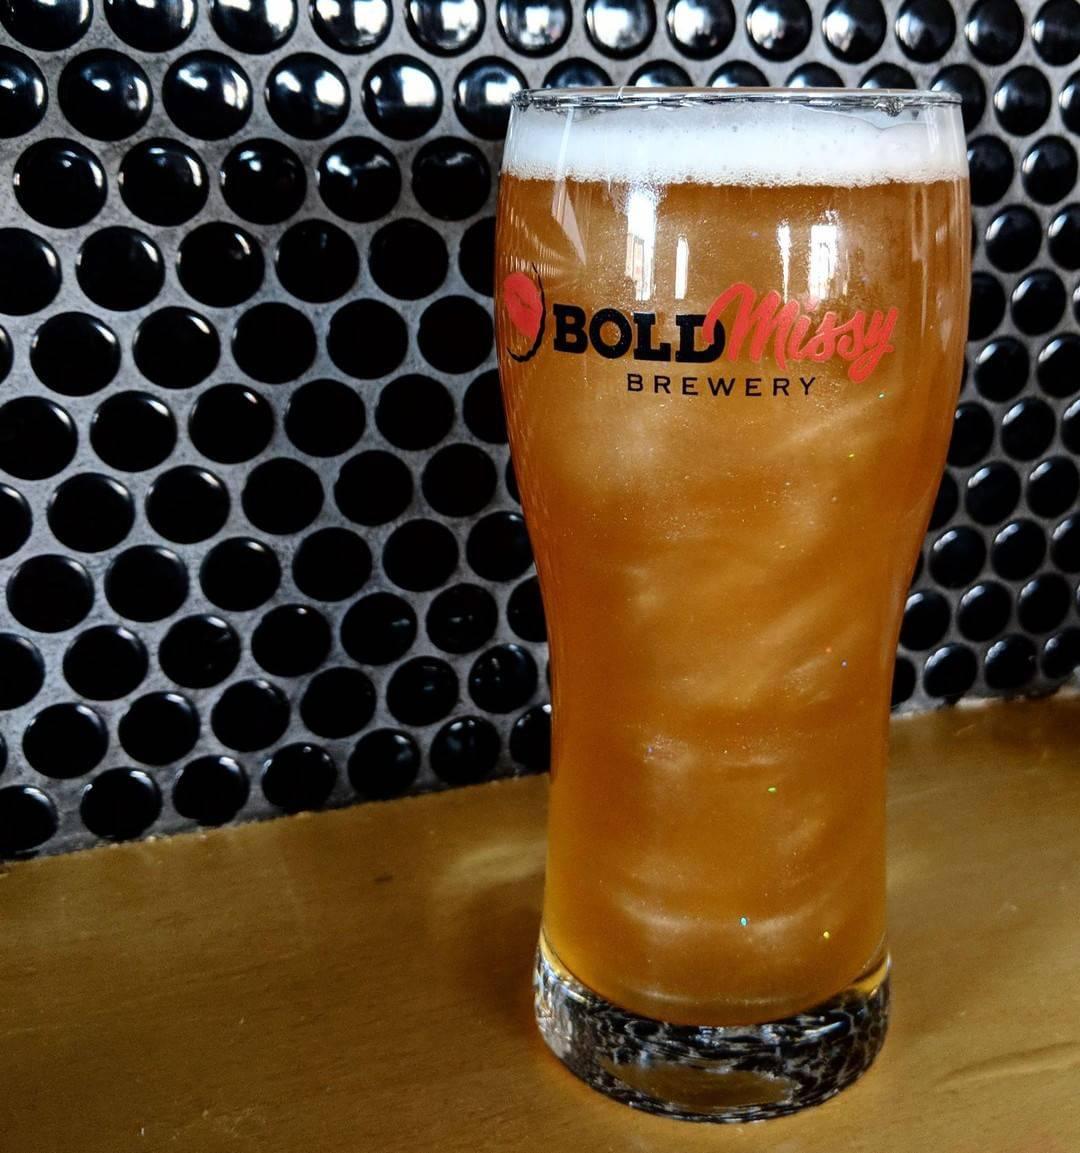 Novi viralni trend na mrežama: Ovo je prvo pivo sa šljokicama